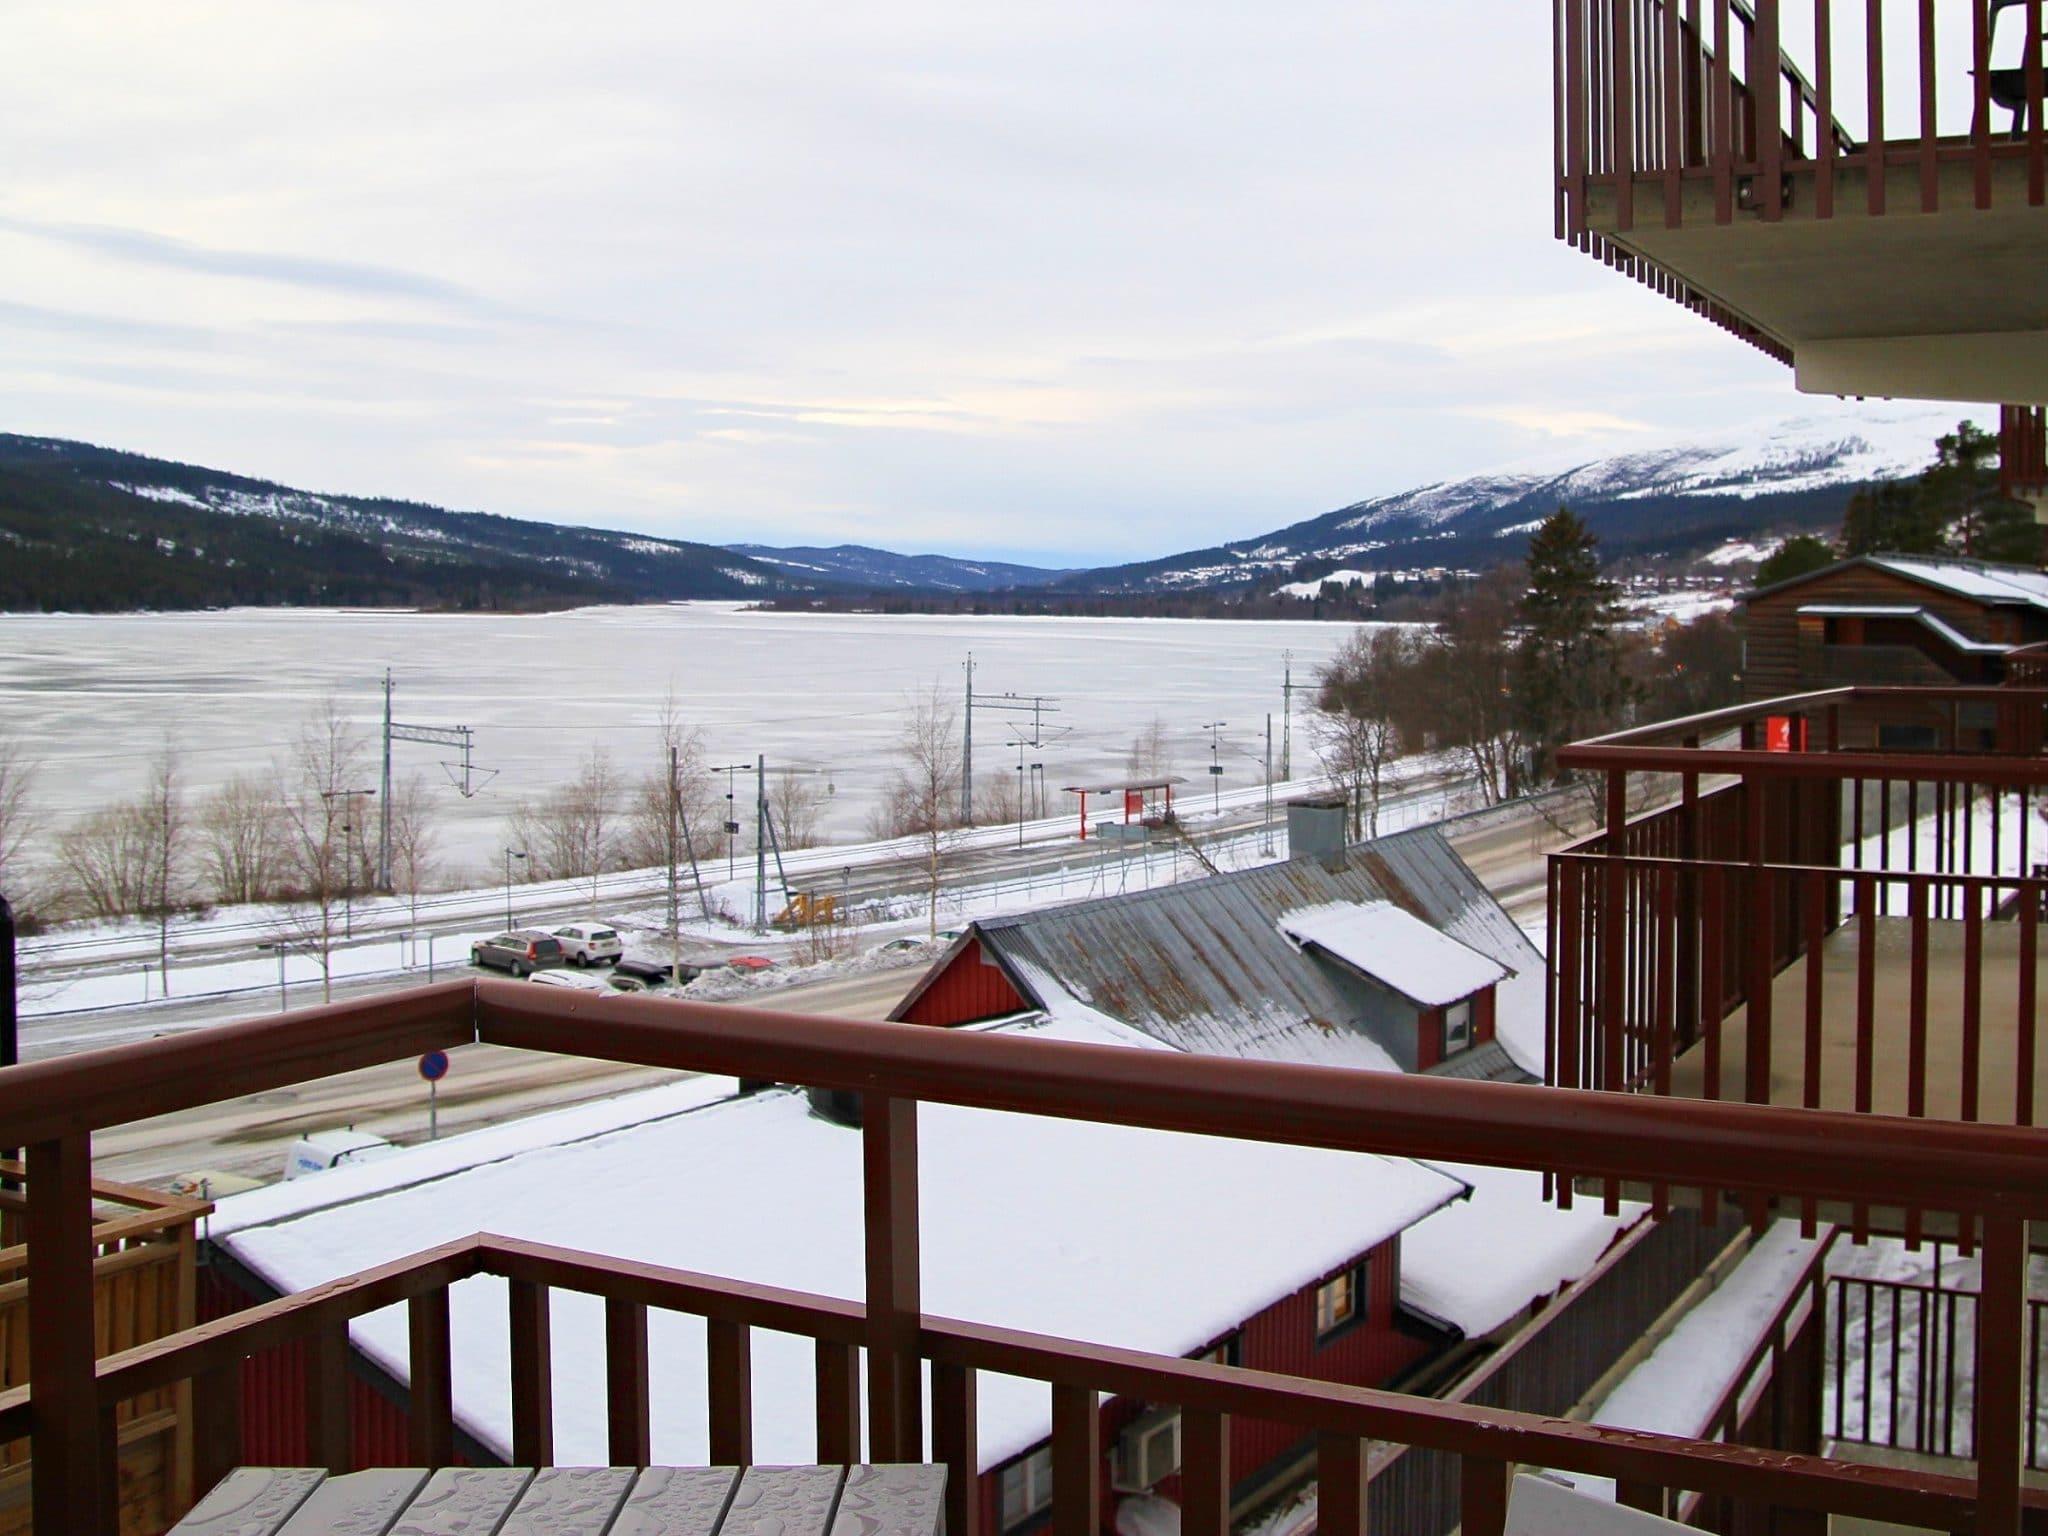 Utsikt över Åresjön från en av lägenheterna på Årevägen 130 i Åre.